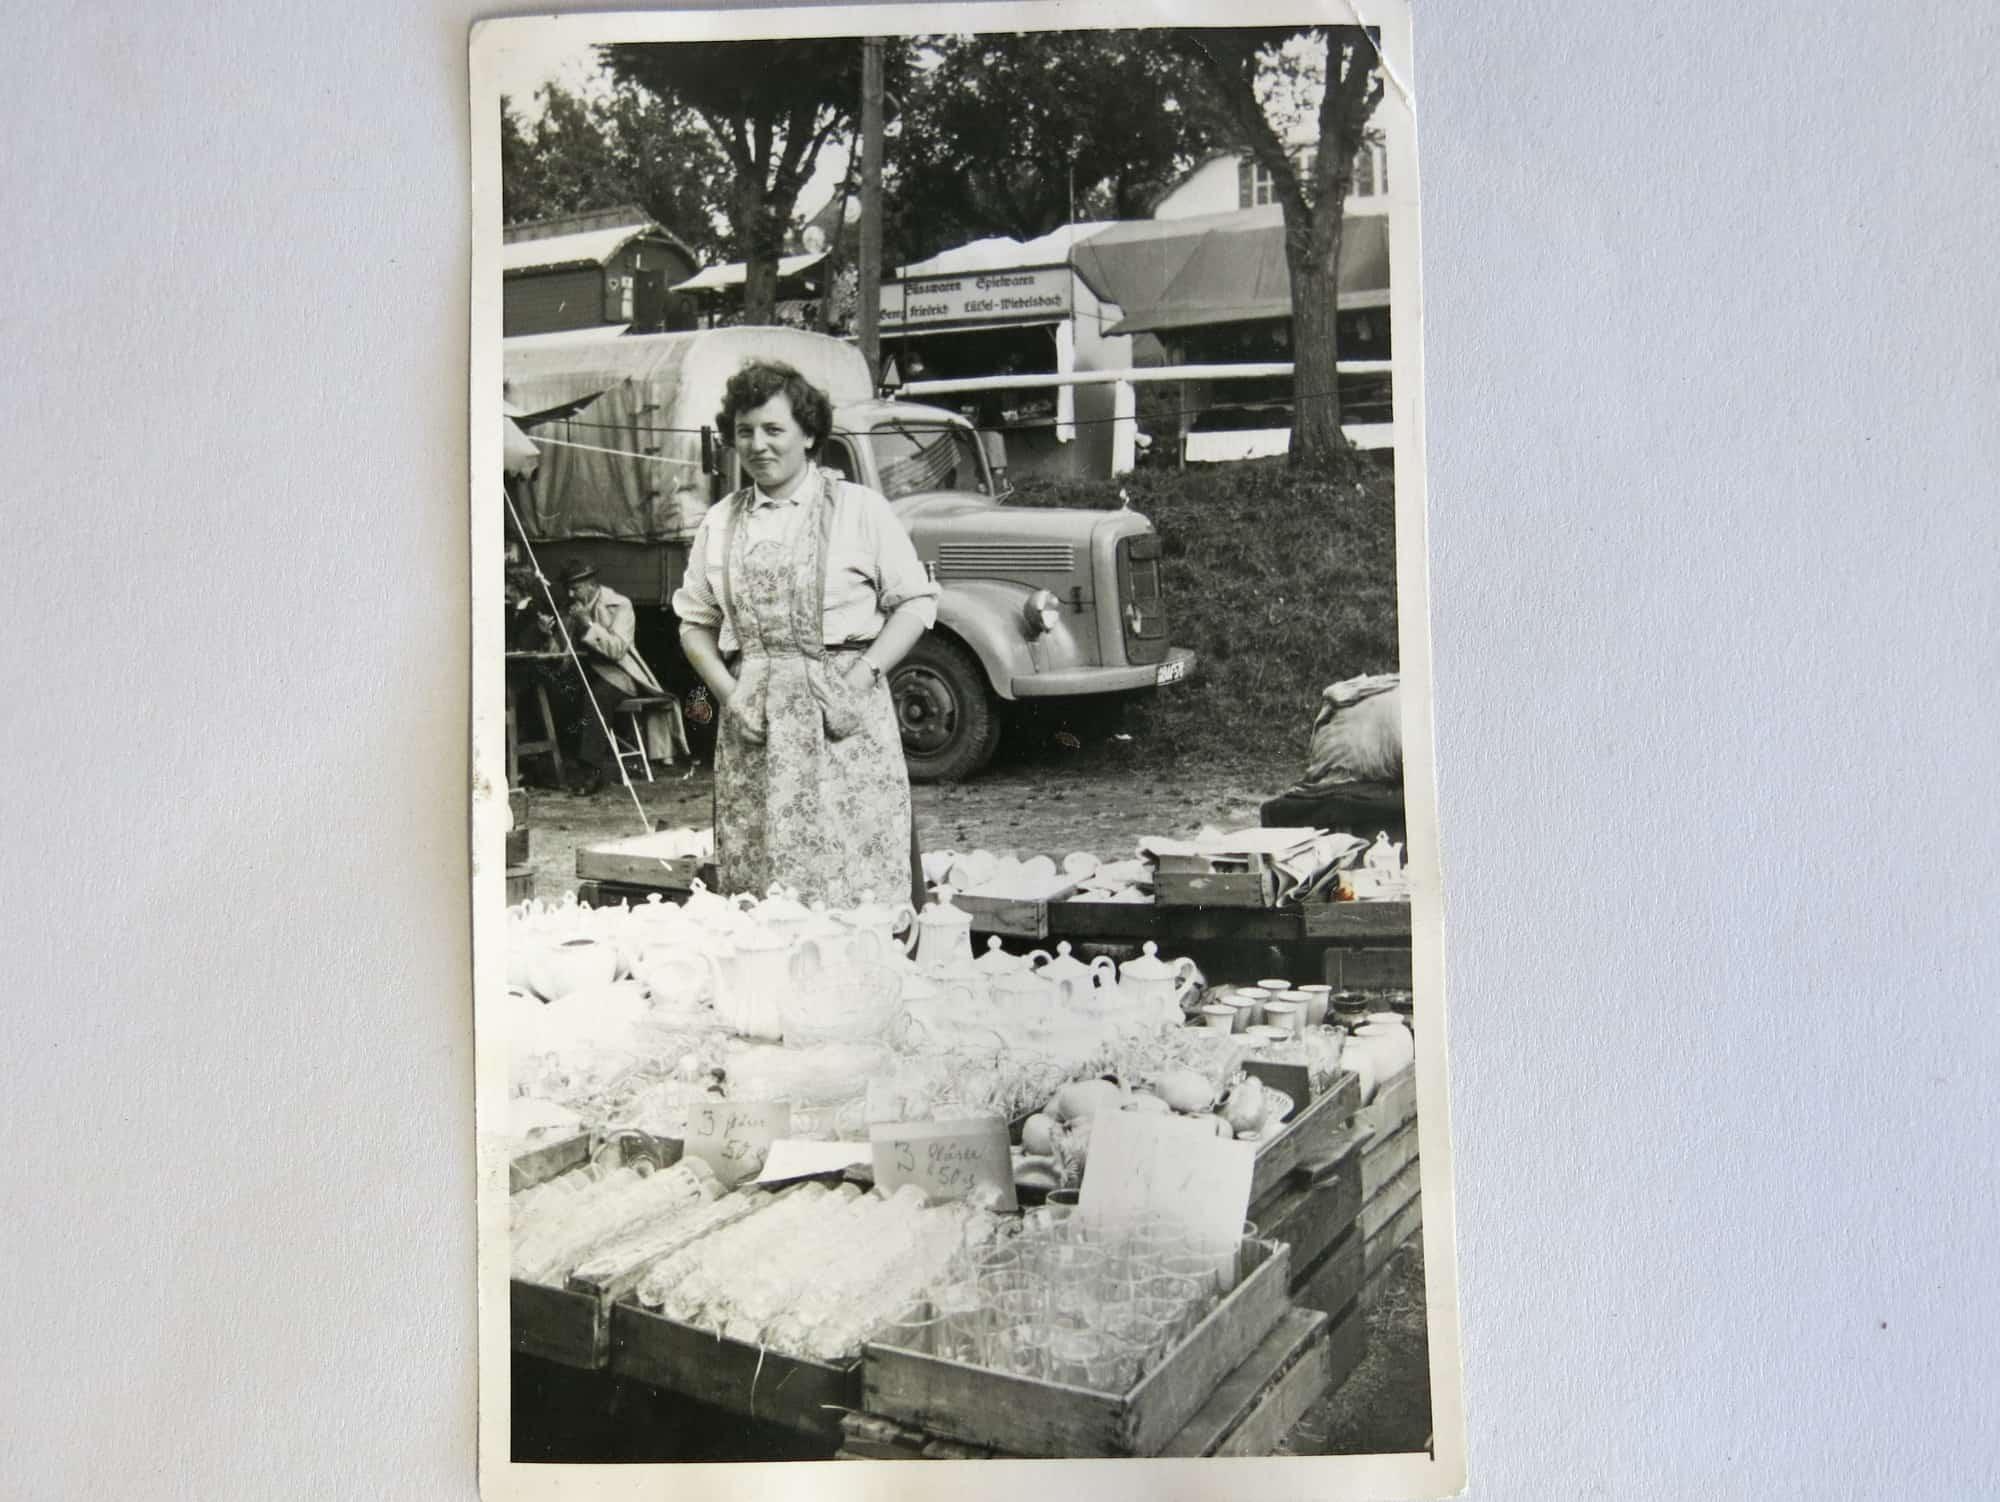 Ingrid Ackermann, damals noch Kriener an einem Markstand in den 10500 iger Jahren, mit Opel Blitz